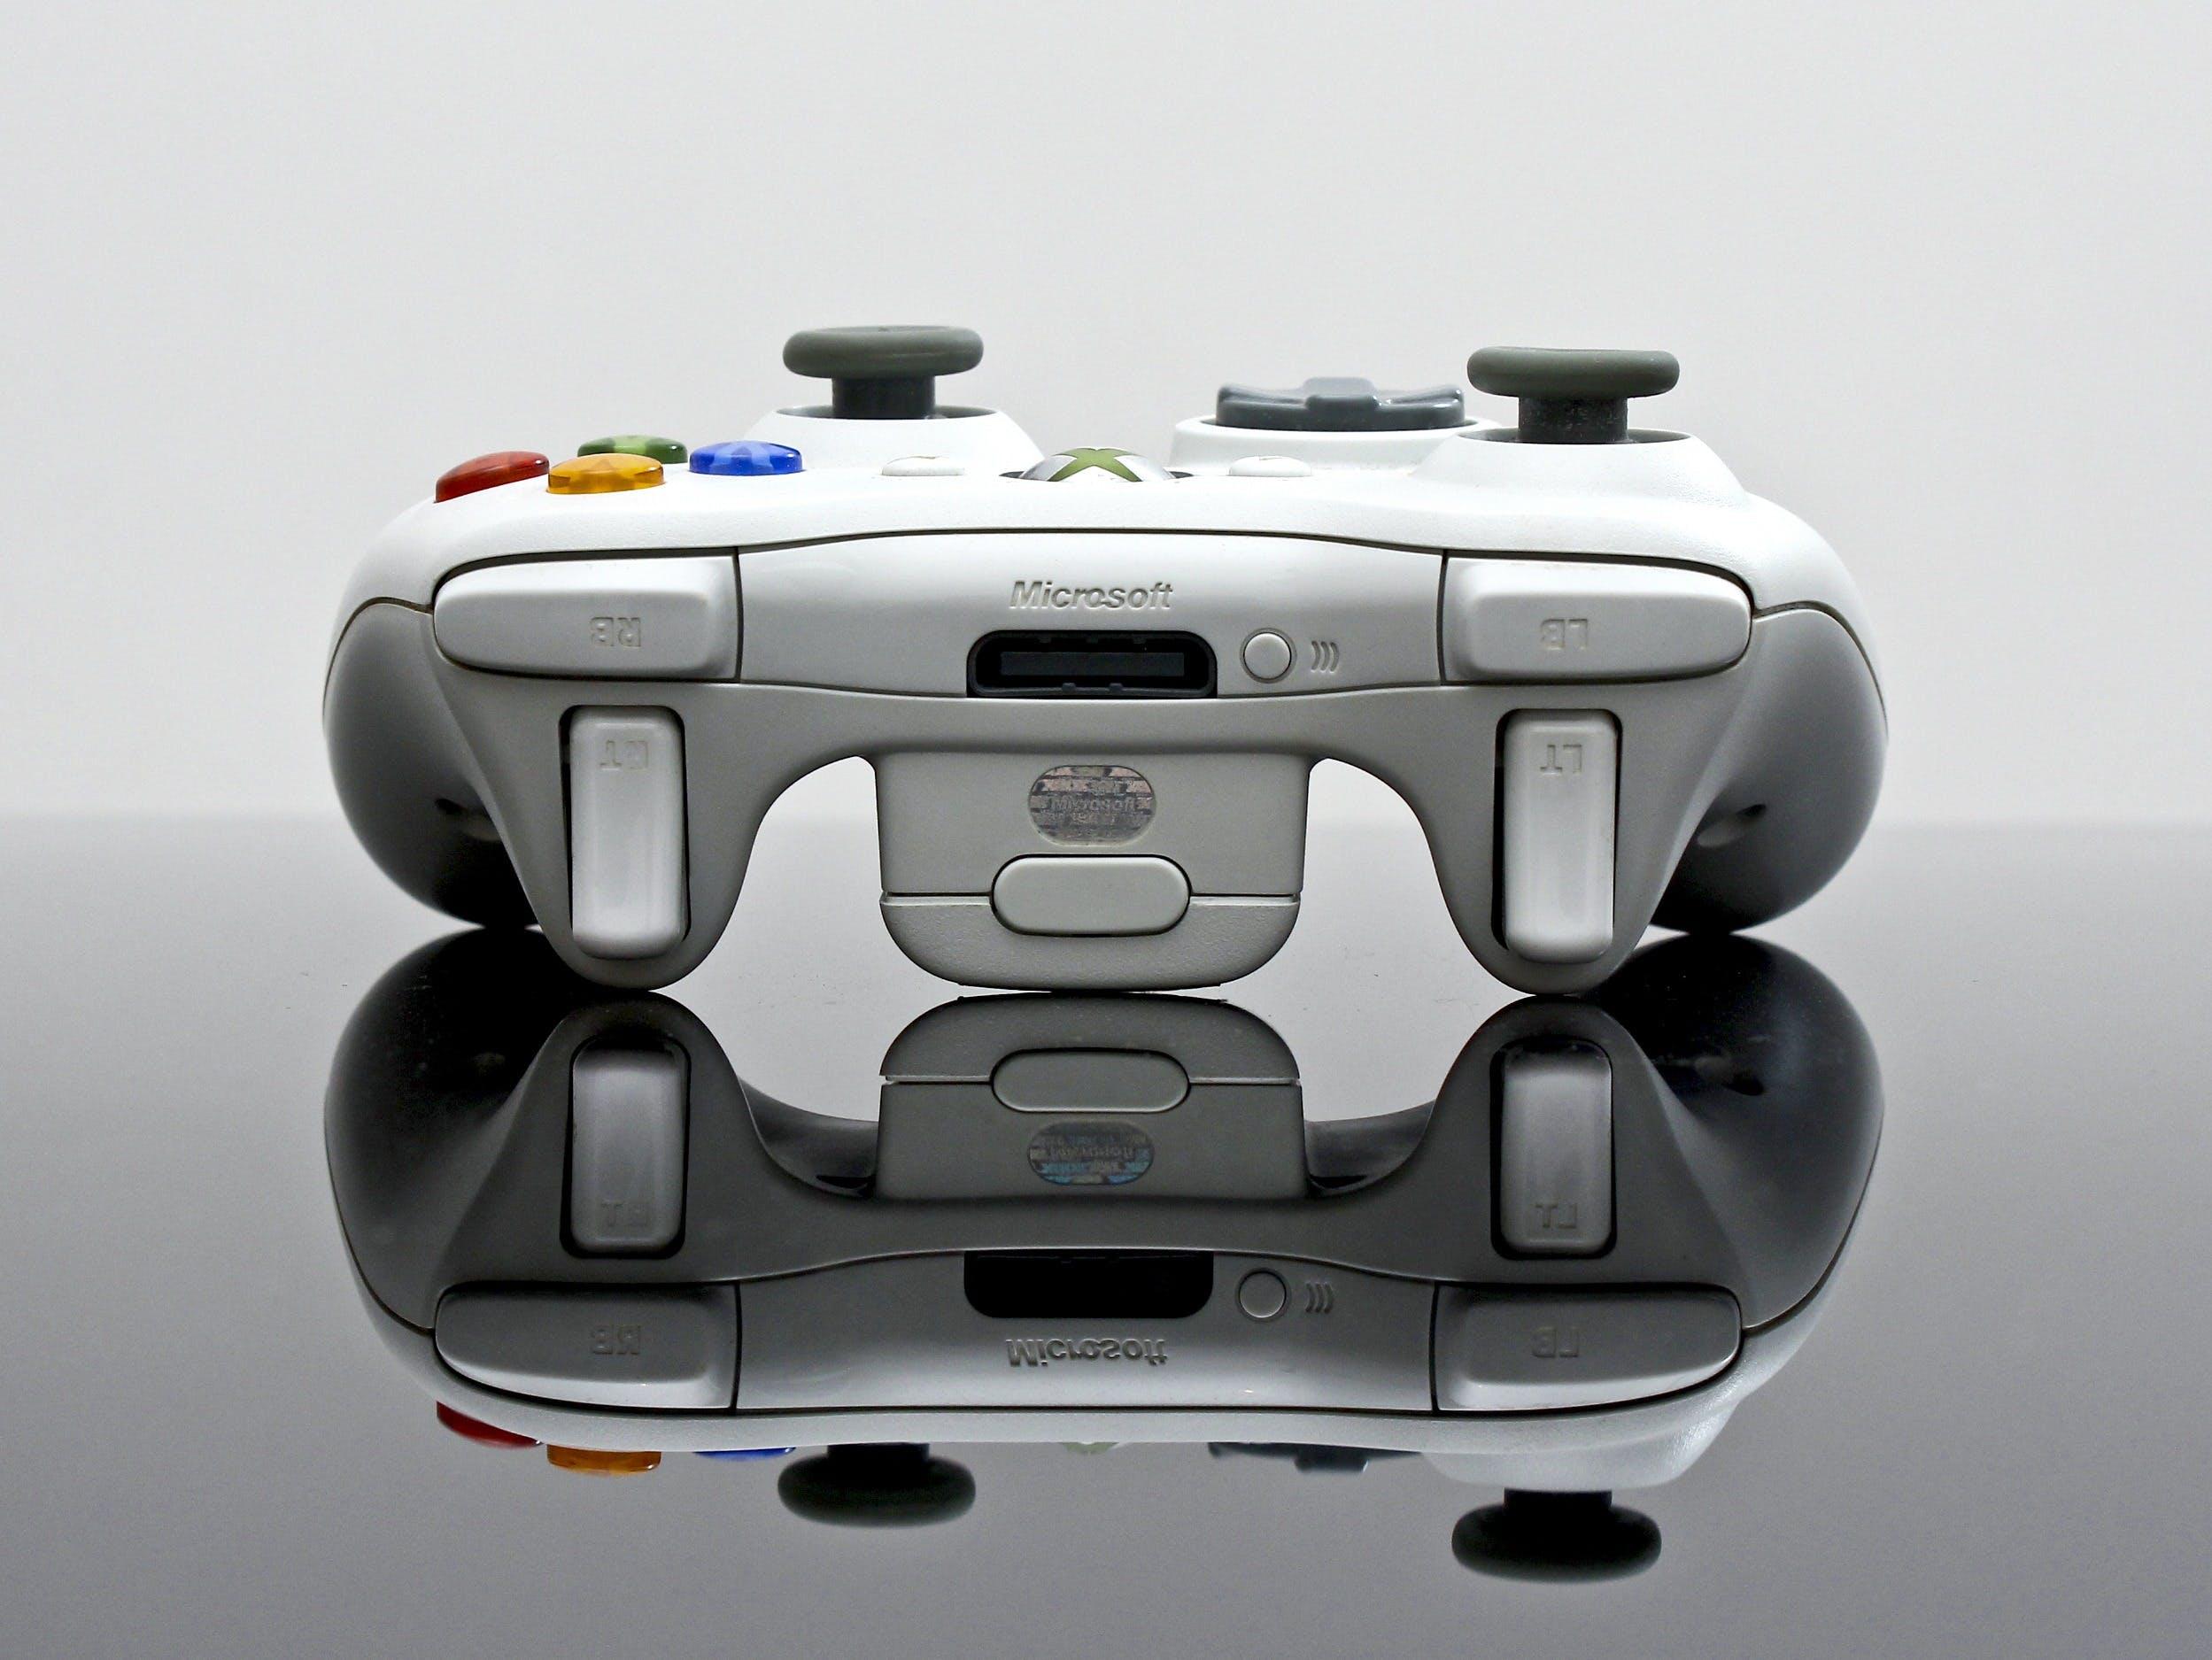 Gray Xbox 360 Game Controller